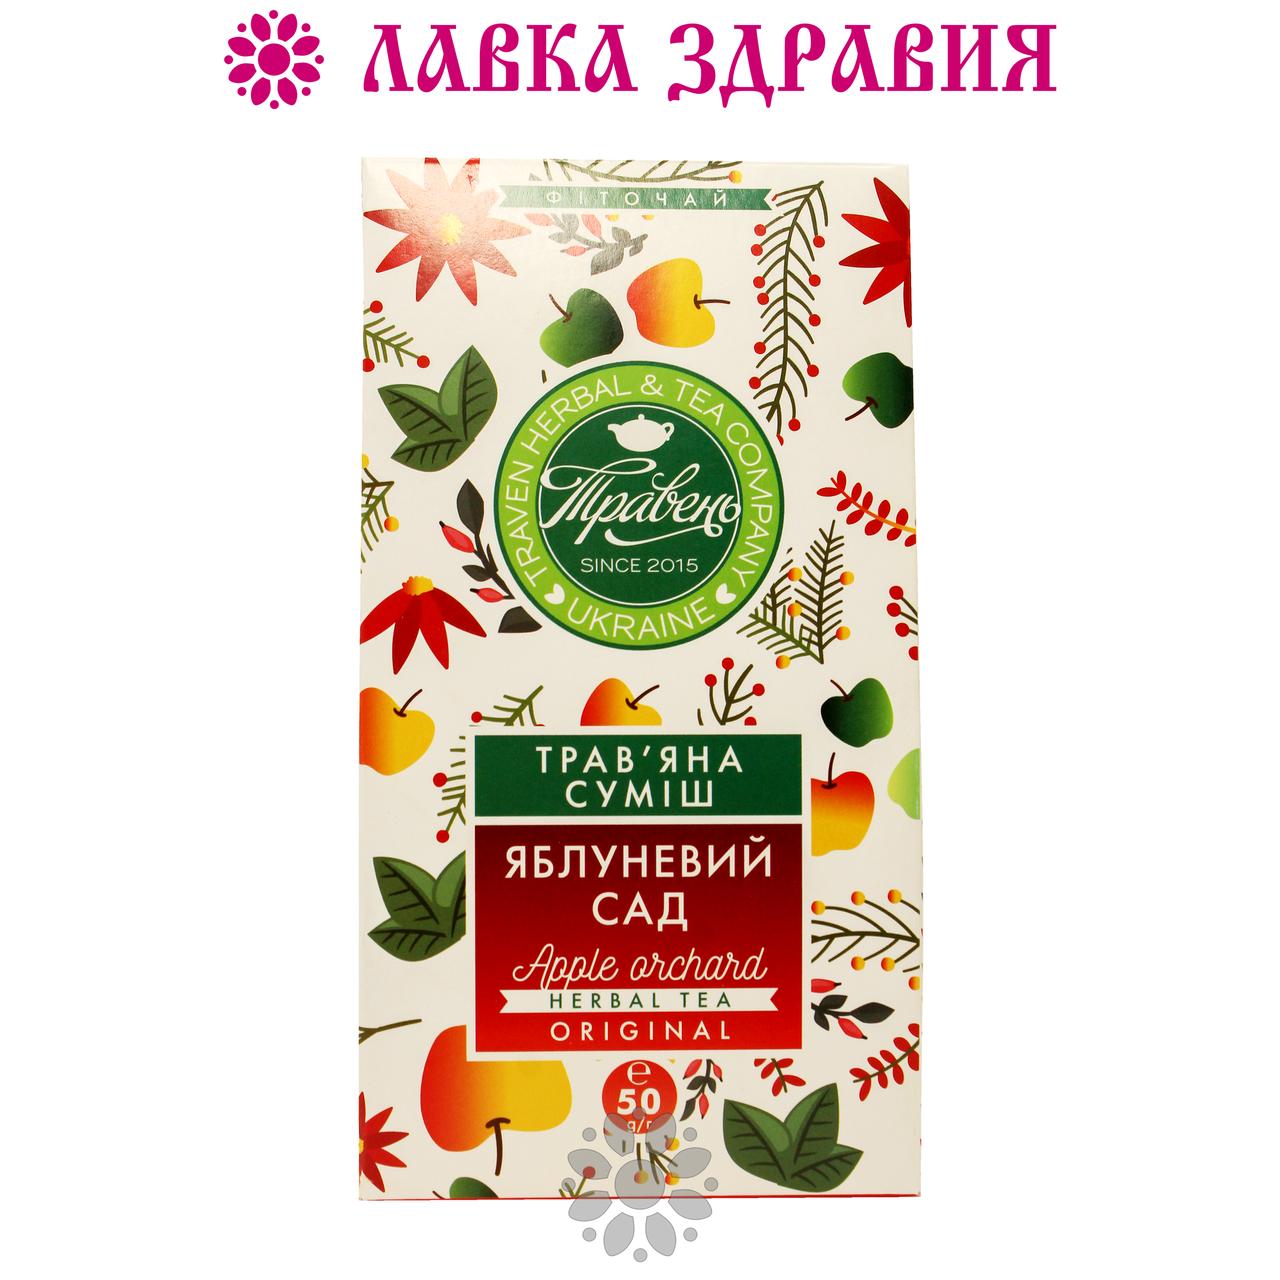 Травяная смесь Яблочный Сад, 50 г, Травень